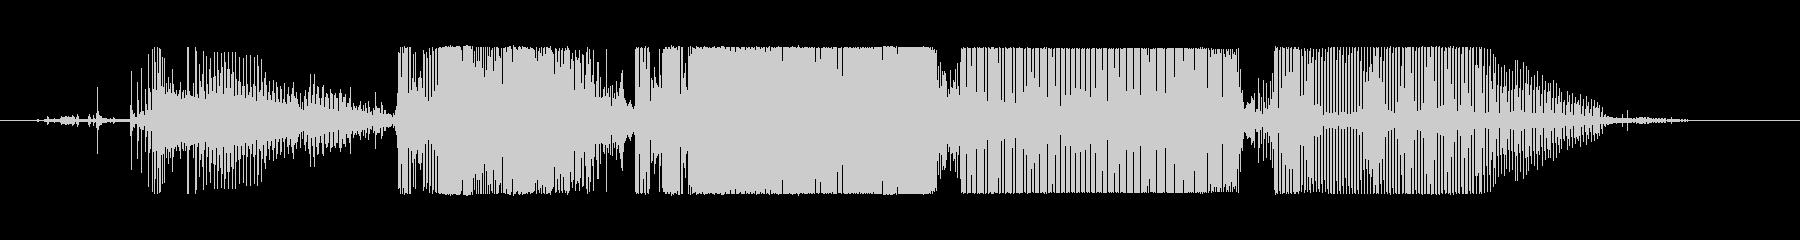 モーターサイクル、ハーレー、モータ...の未再生の波形